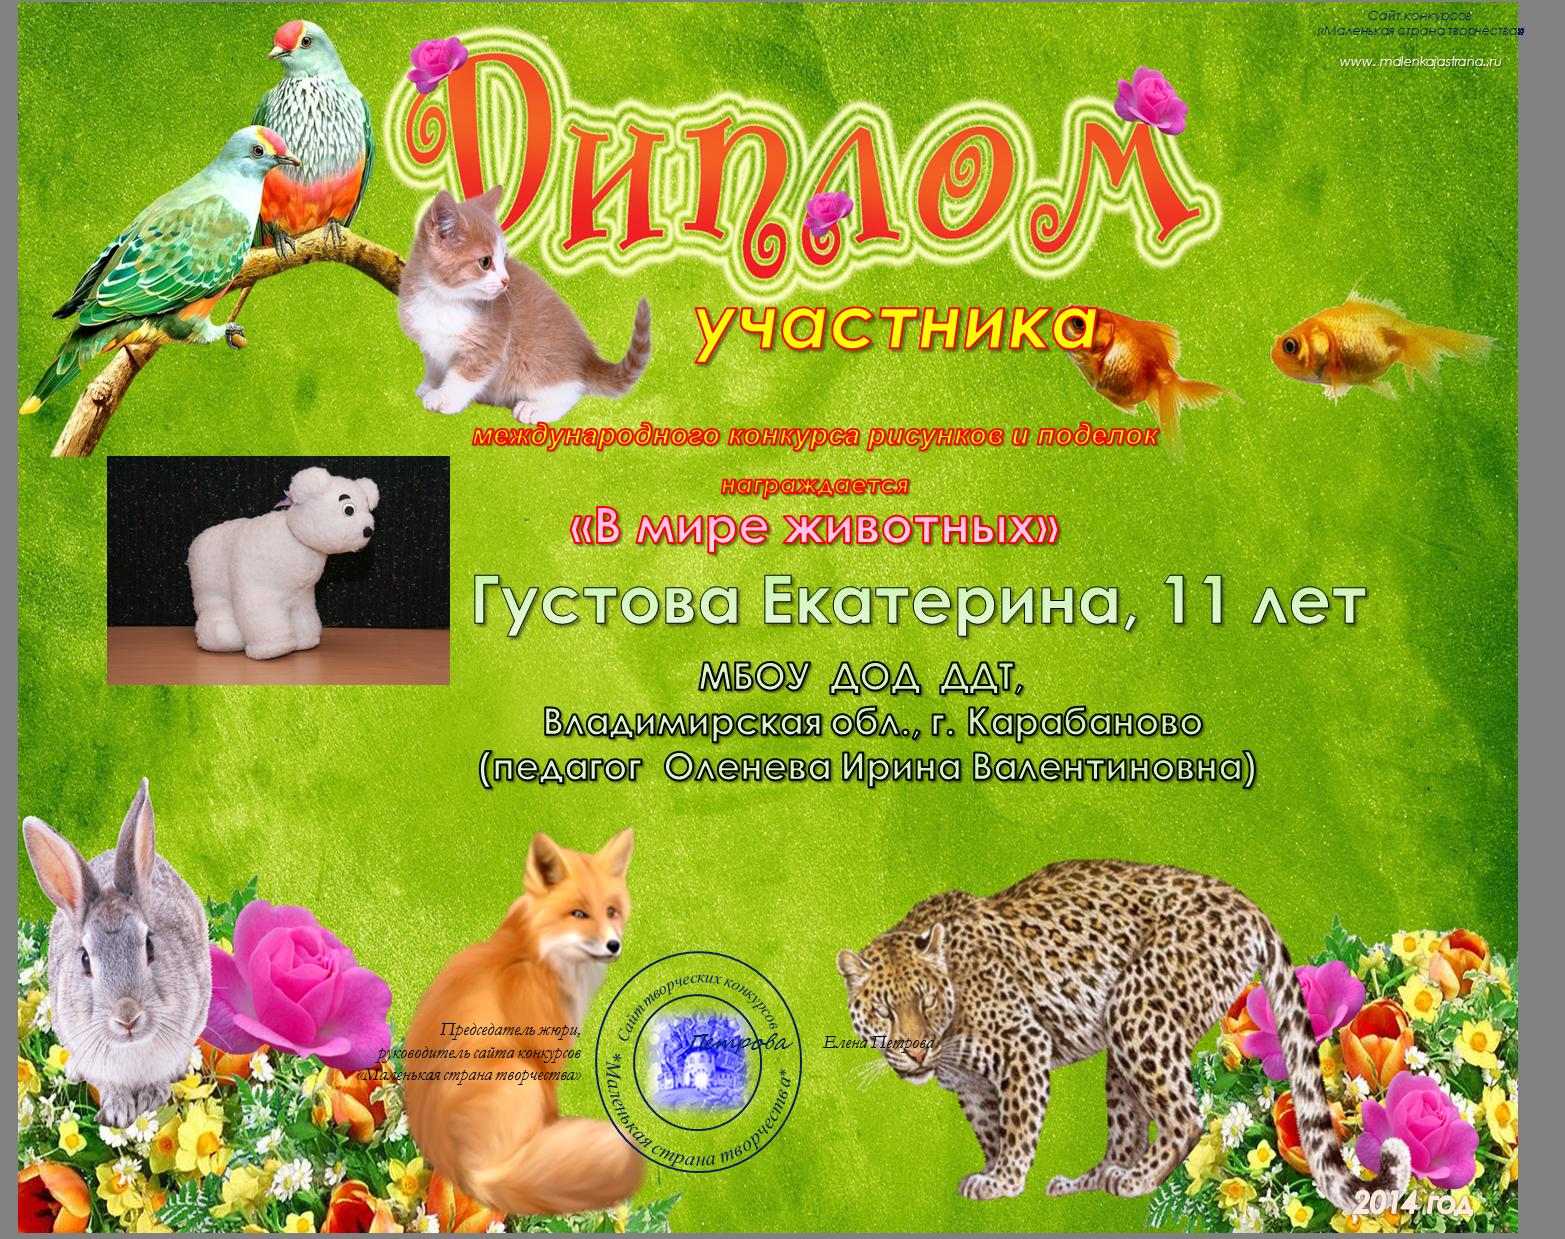 Игры конкурс животных